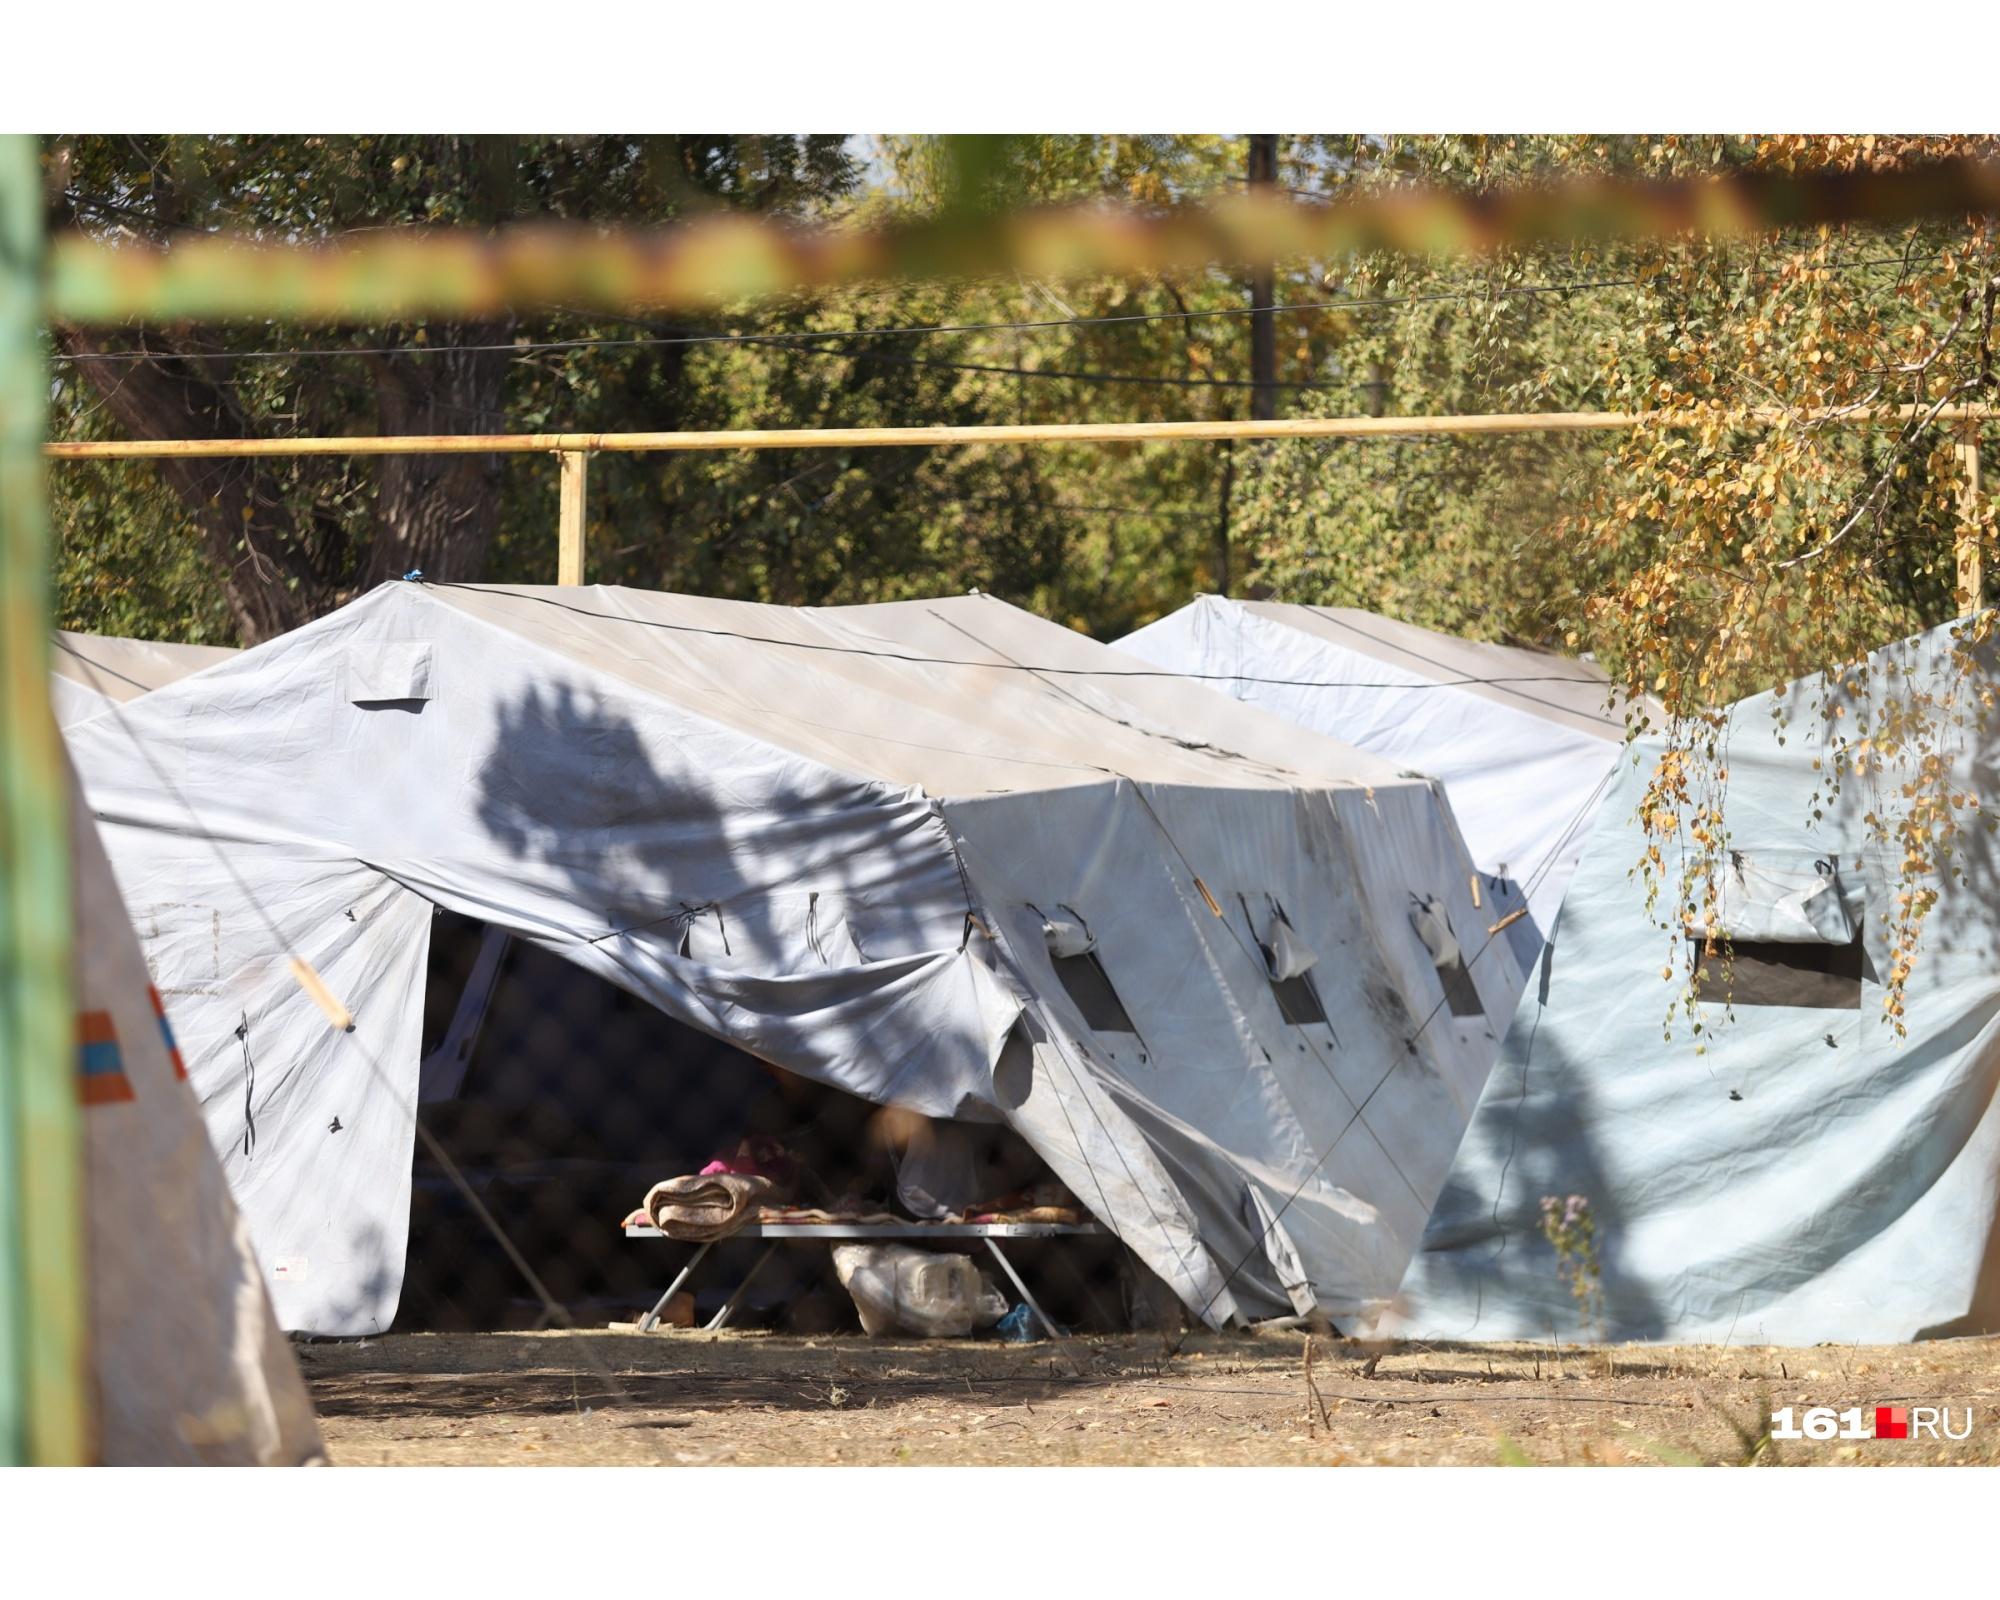 Всего в Каменске-Шахтинском сейчас находится более тысячи мигрантов